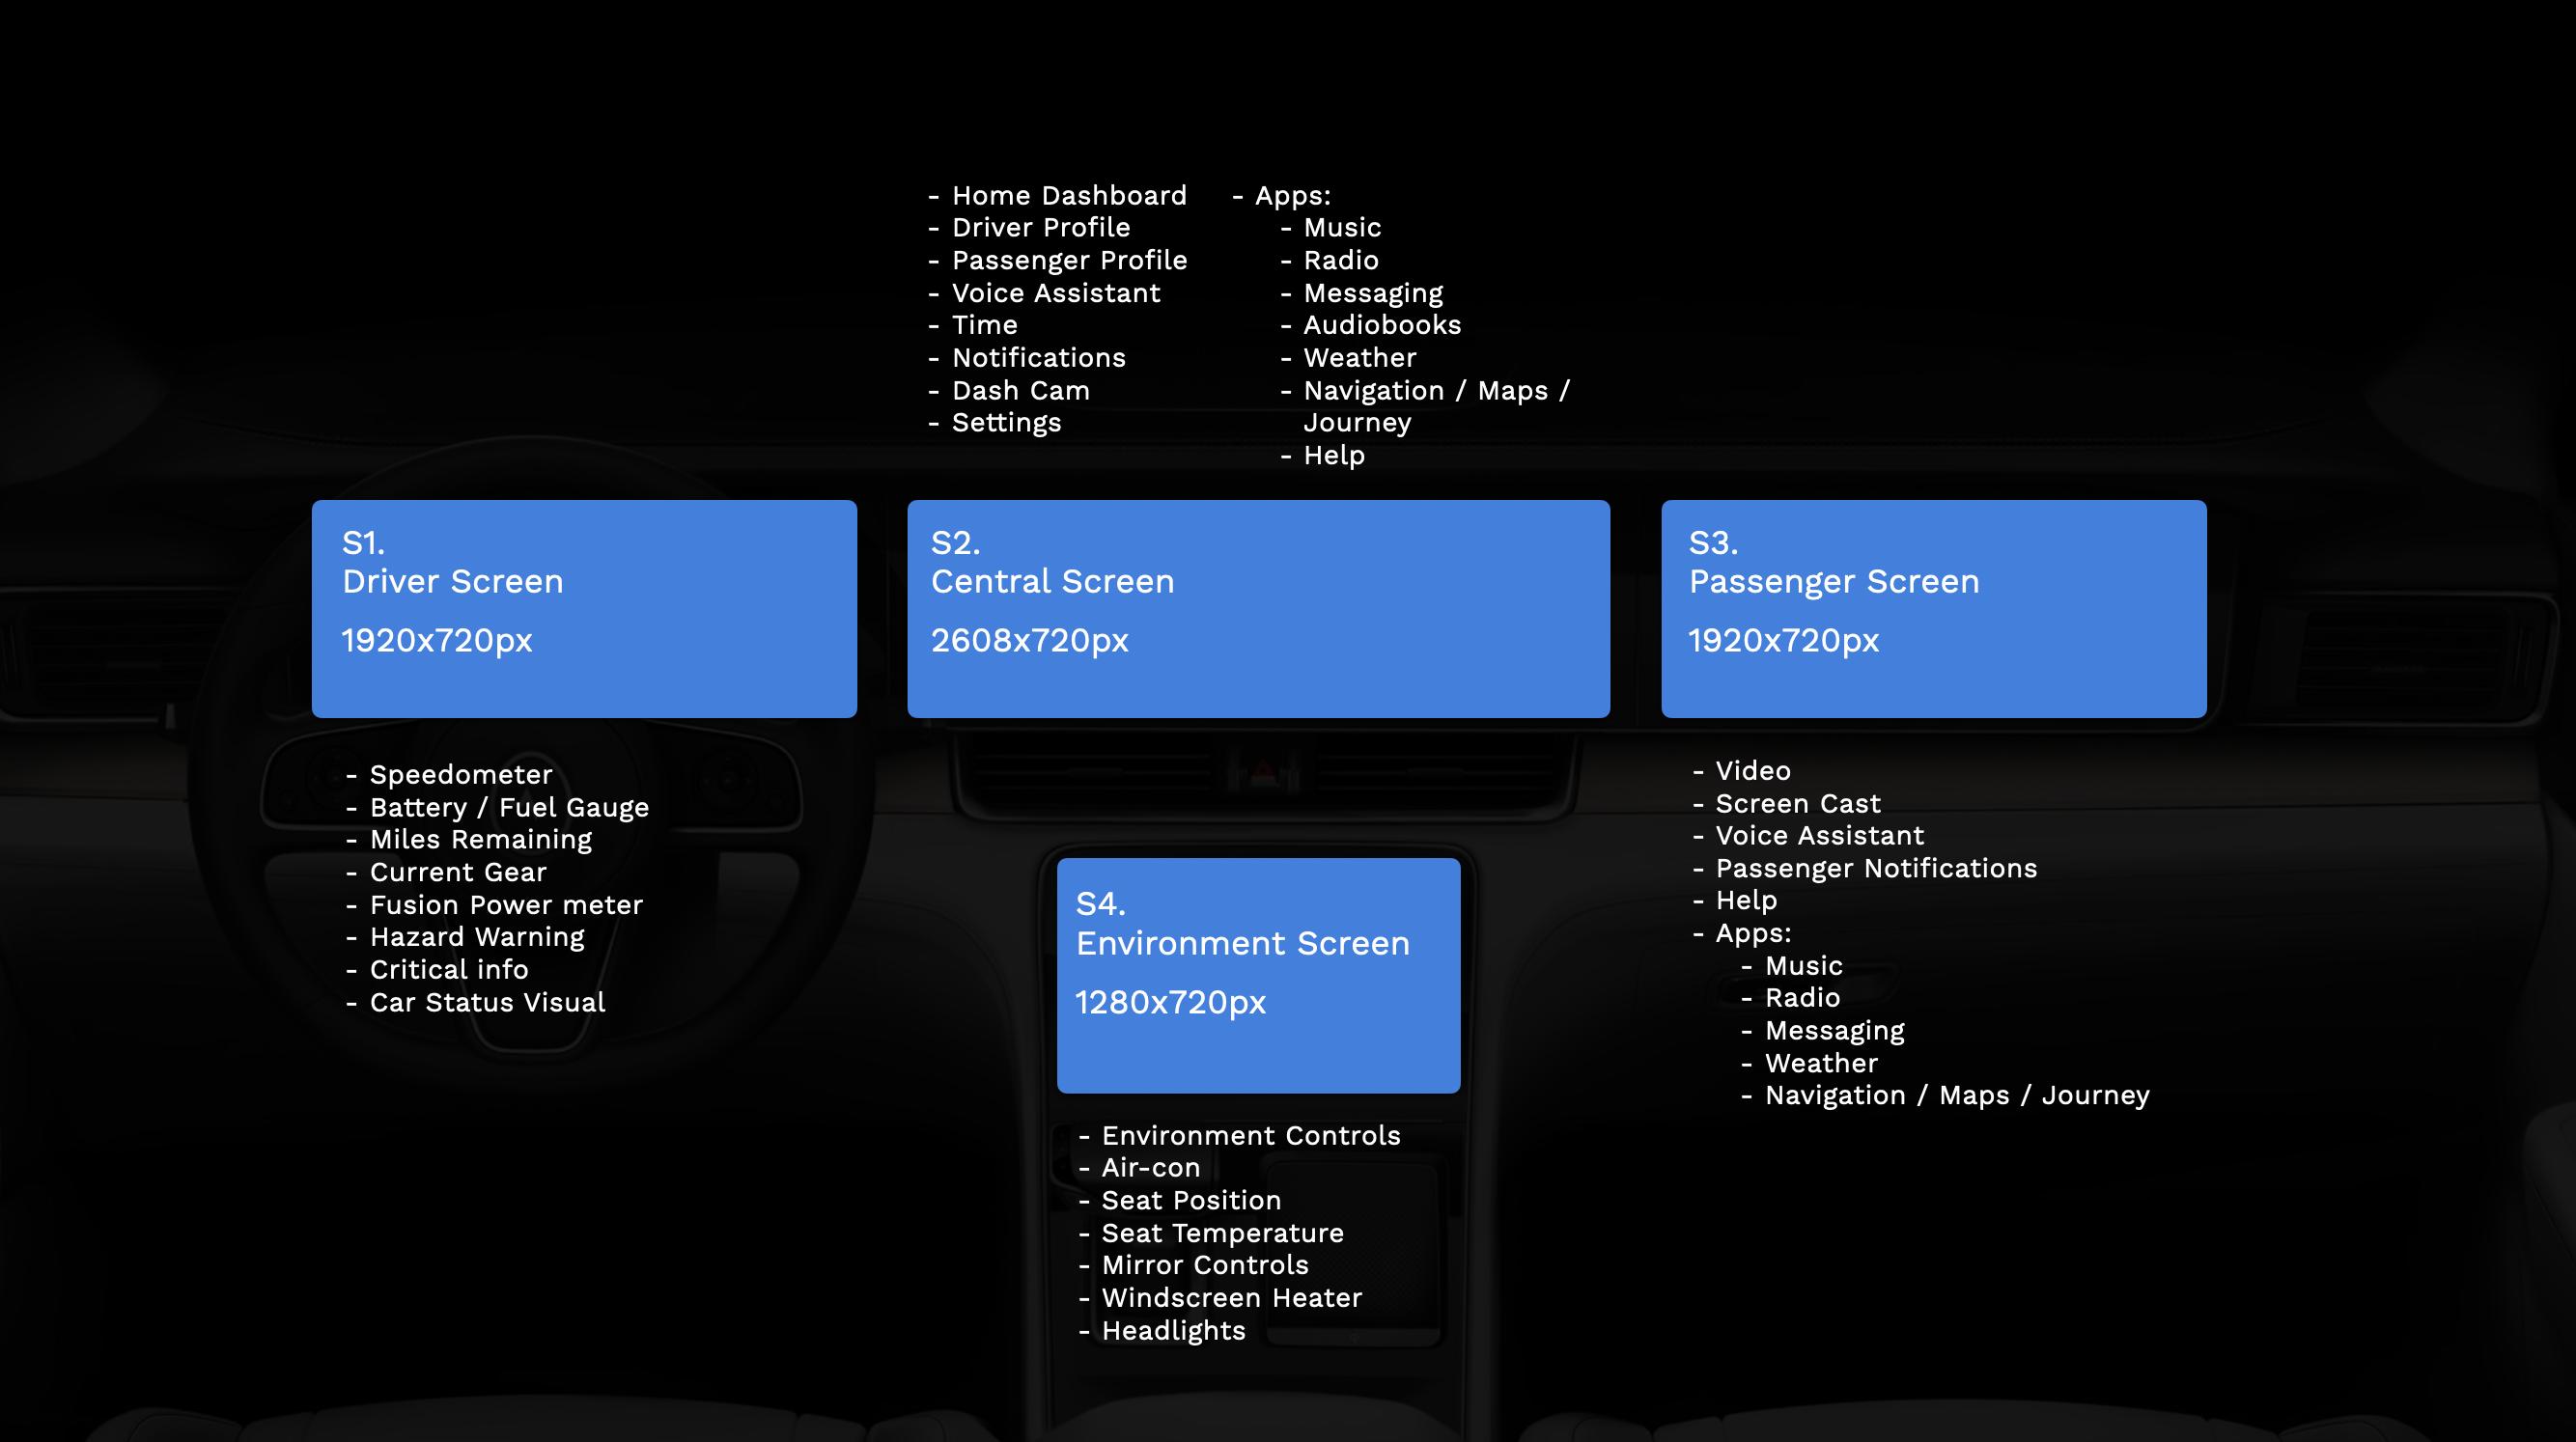 Screenshot 2020-10-05 at 21.15.24